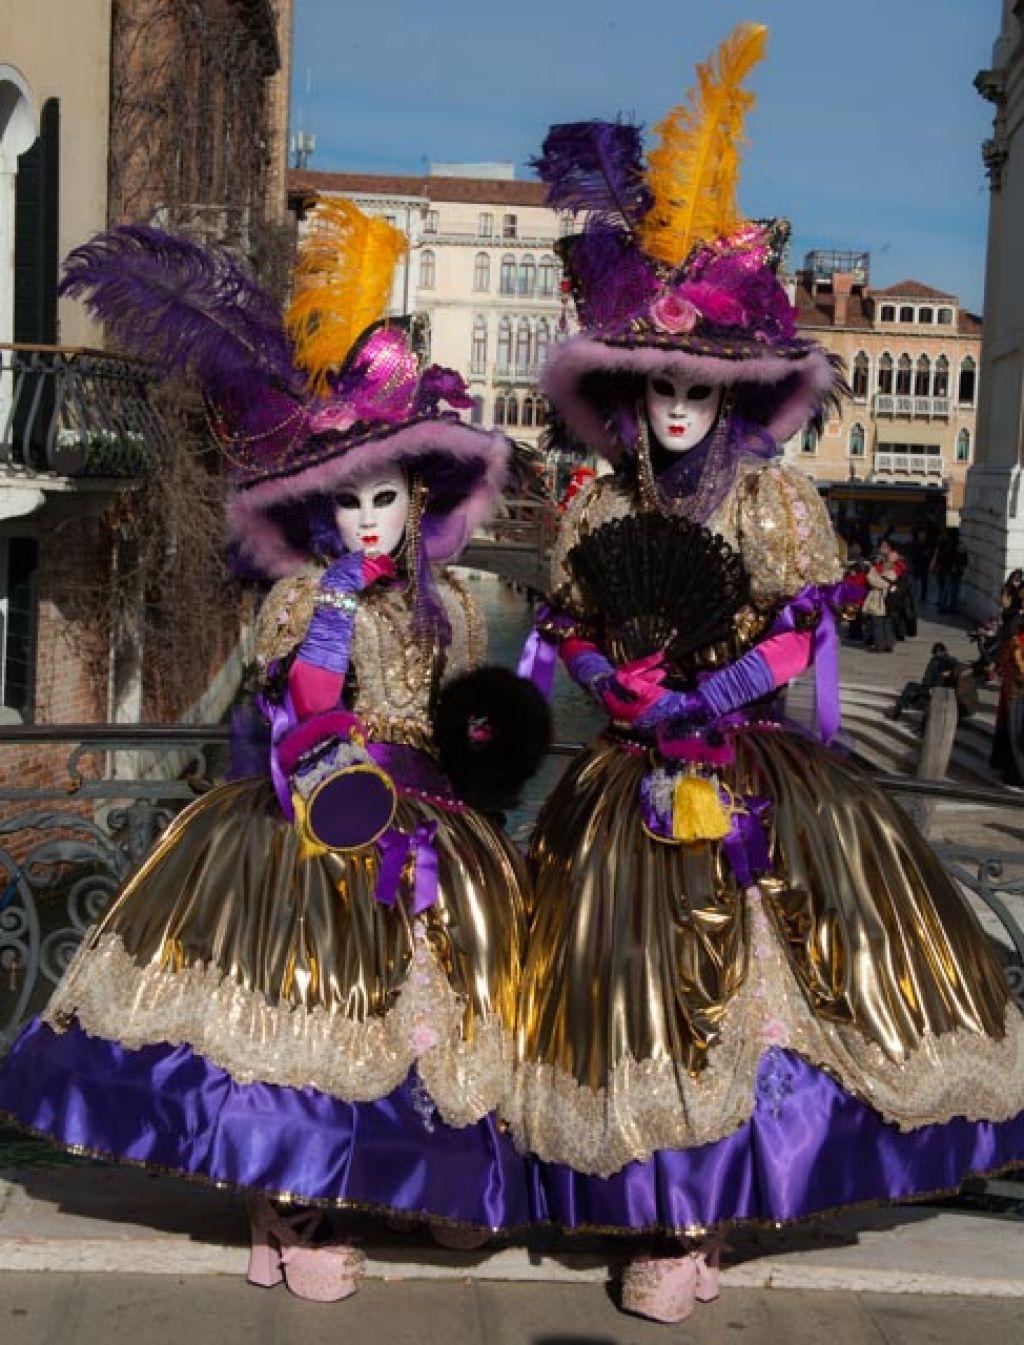 venice carnival5 Carnival Costumes at Santa Maria della Salute